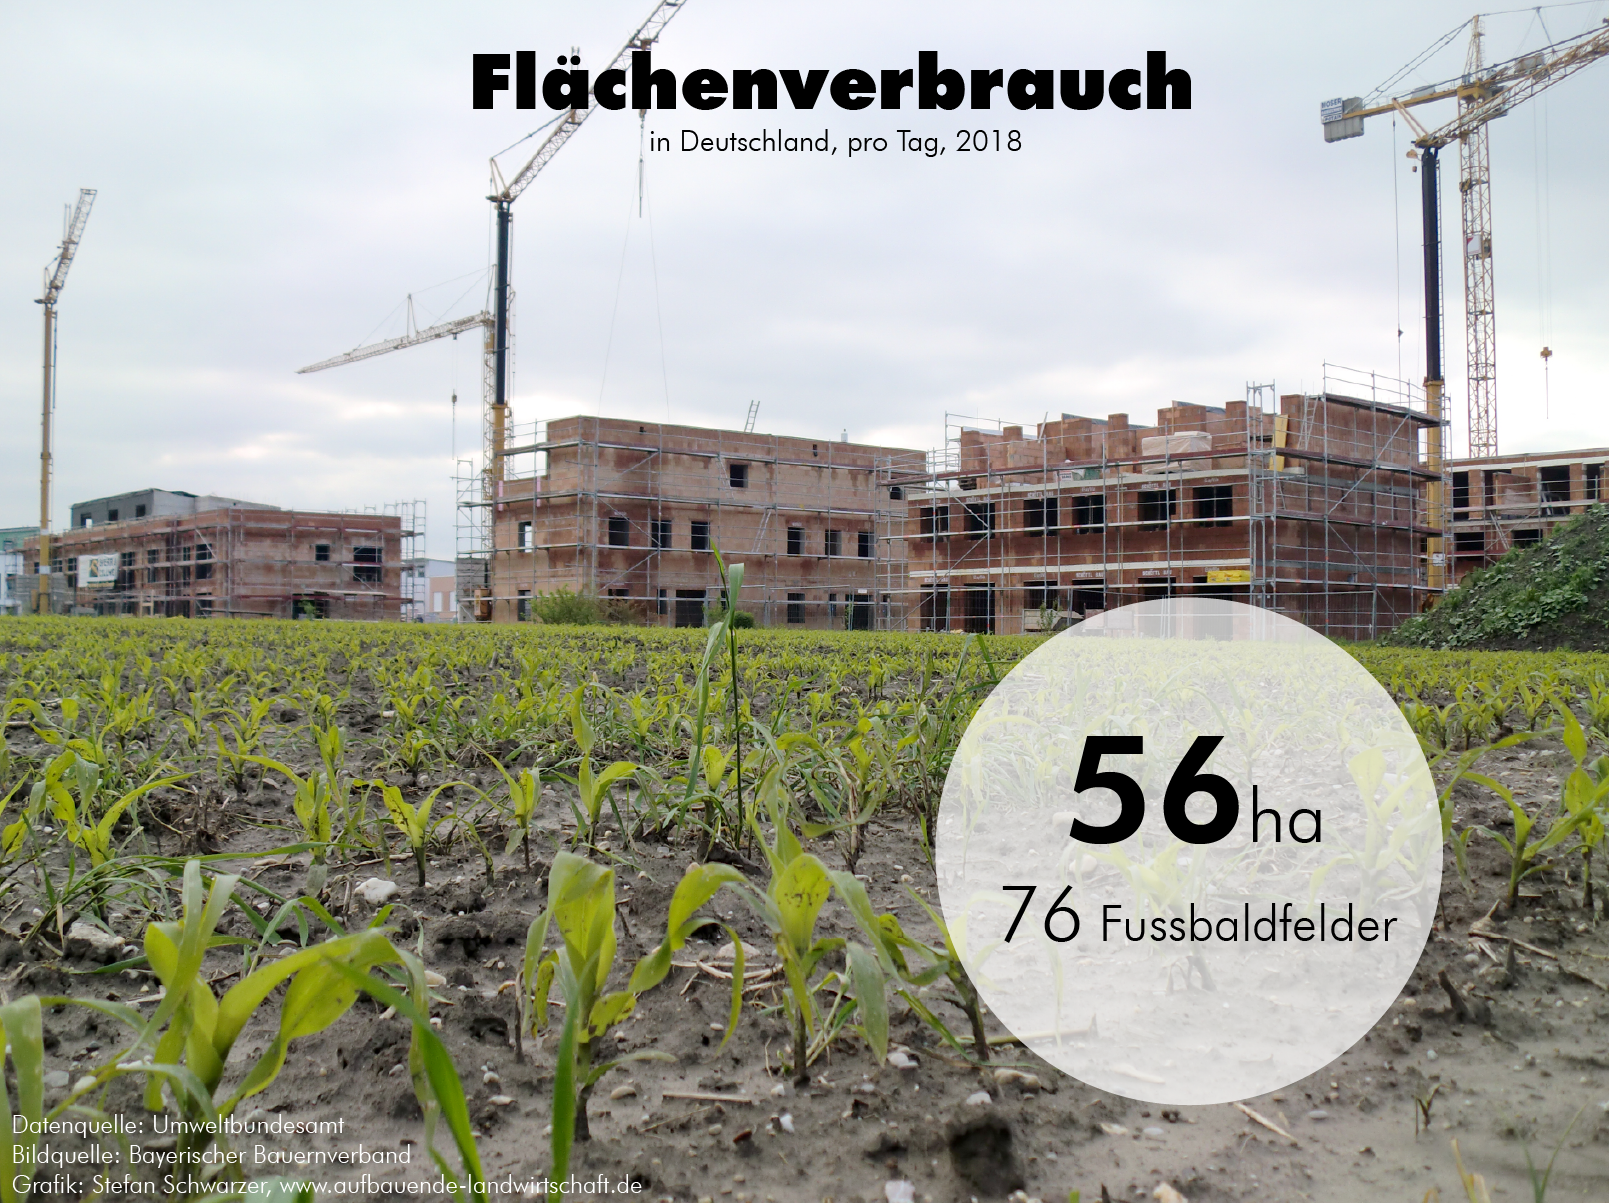 Flächenverbrauch von 56 Hektar pro Tag (!!) in Deutschland